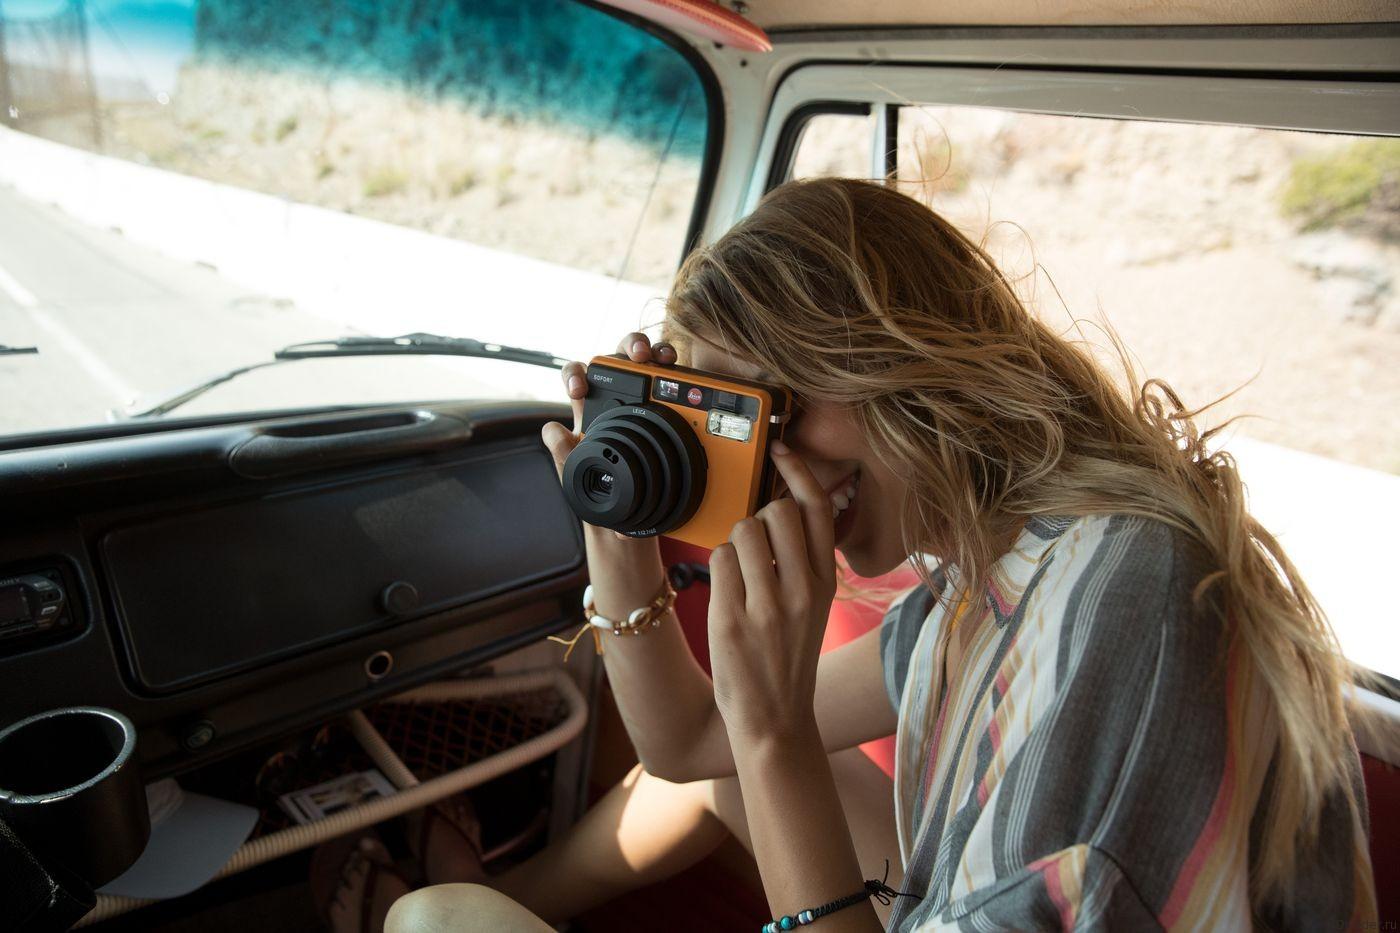 Leica возрождает моментальные снимки с камерой Sofort